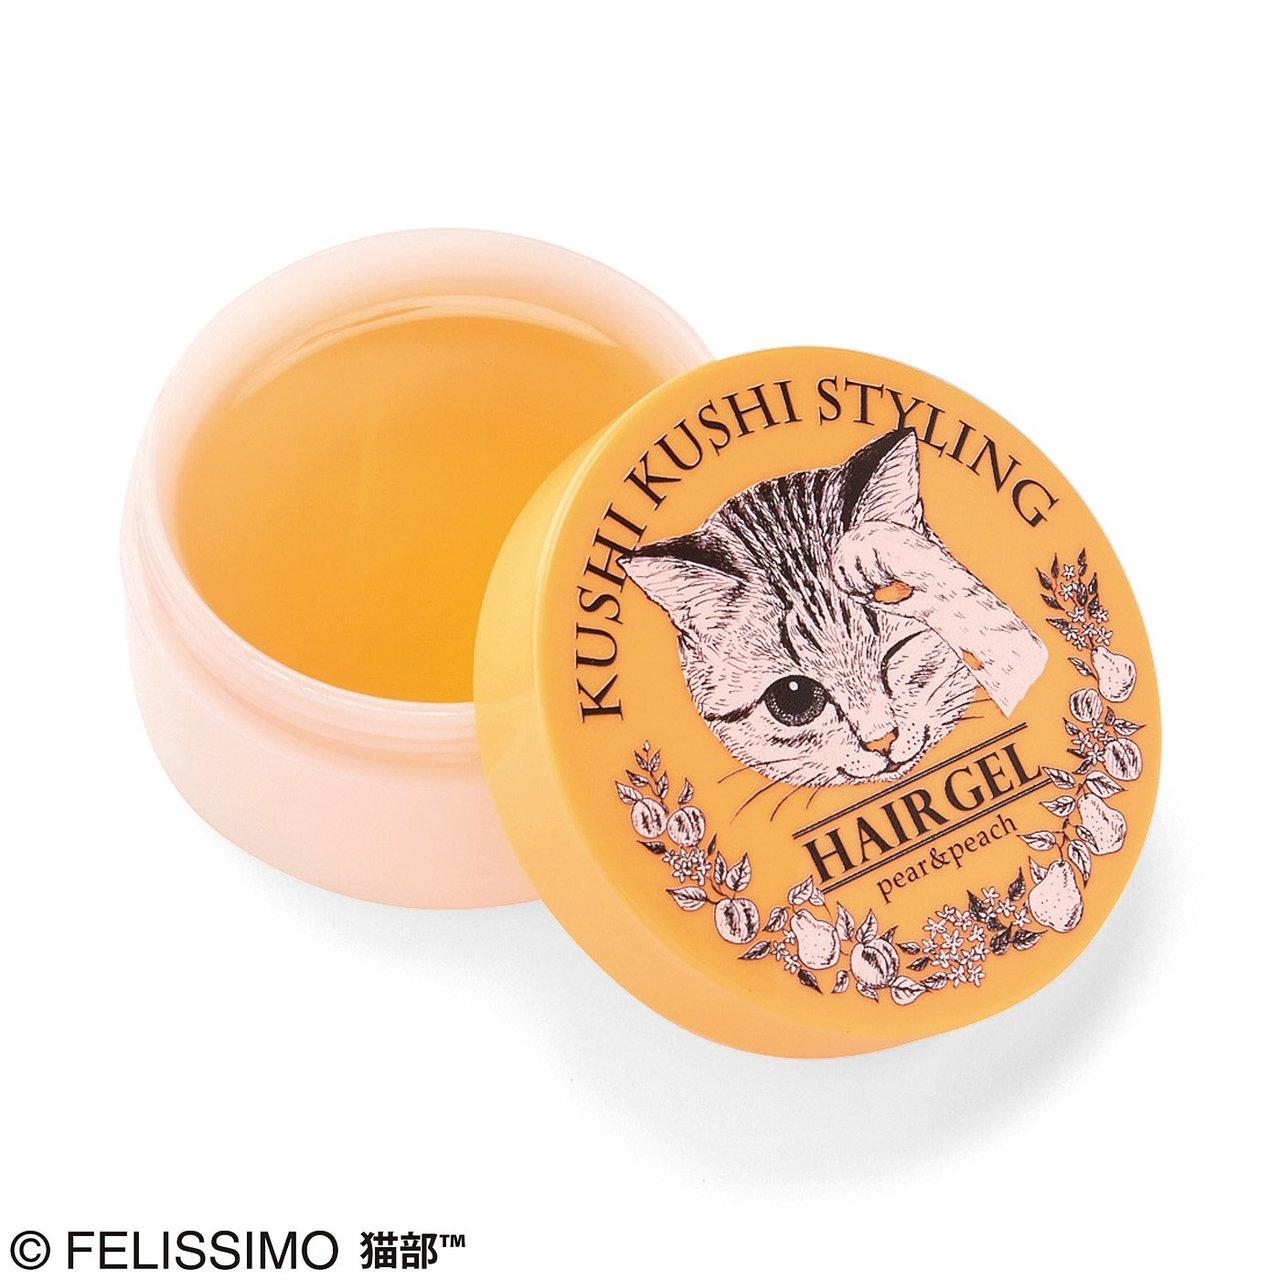 画像:フェリシモ猫部™ くしくし毛づくろい 3Dスタイリングヘアジェル